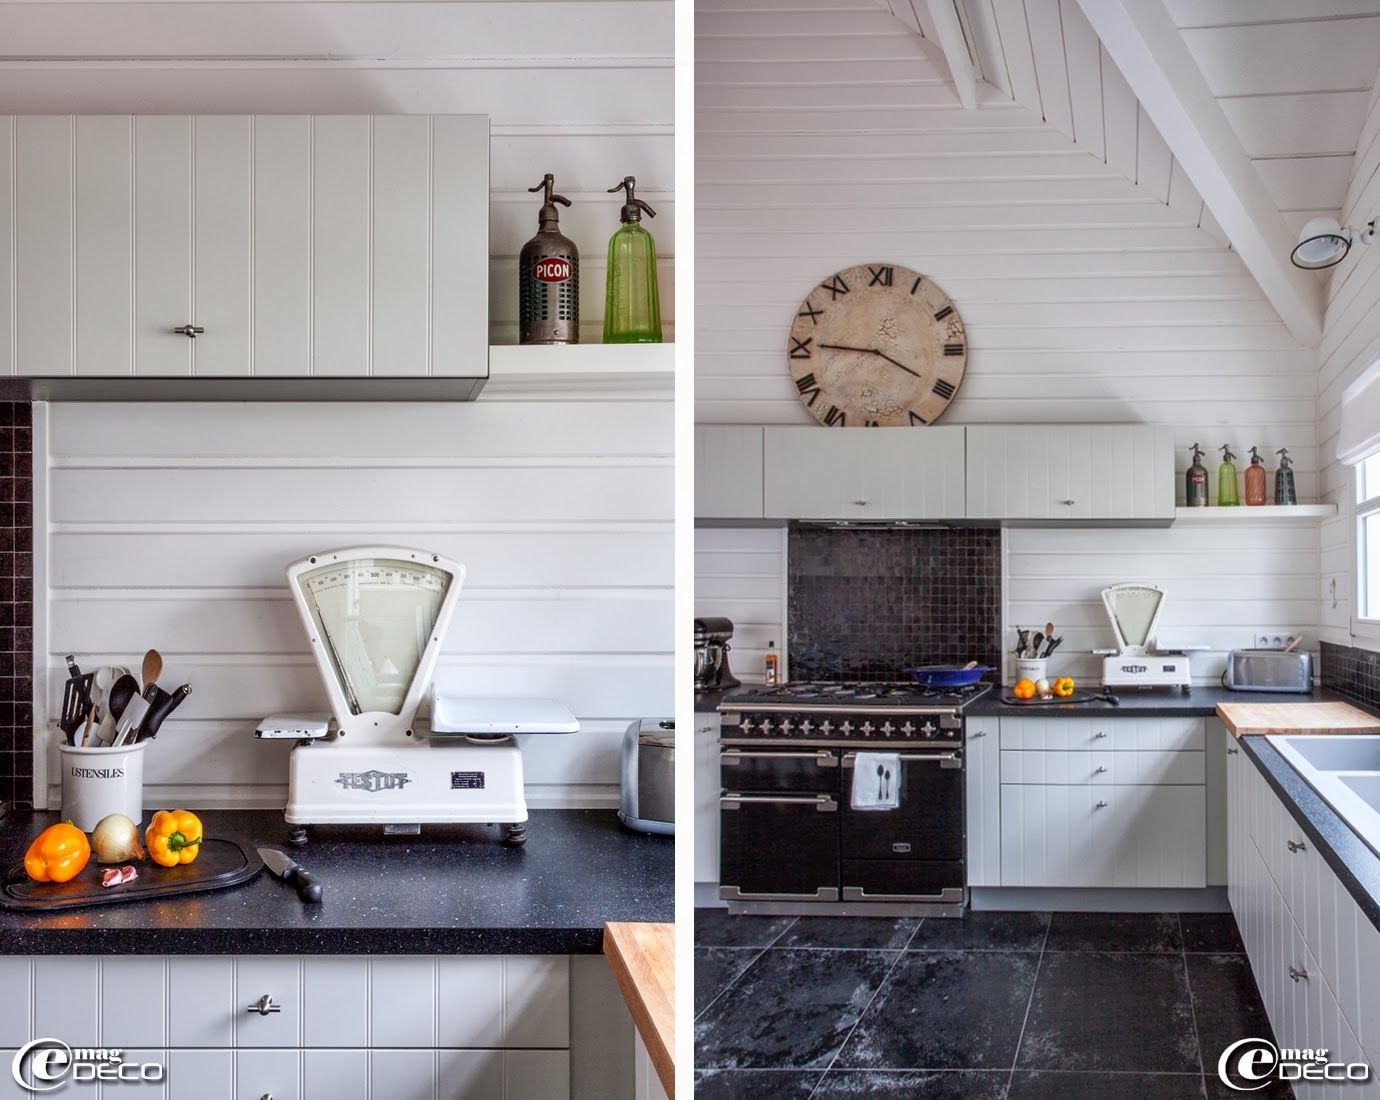 ancienne balance 39 testut 39 chin e dans une cuisine sur mesure 39 schmidt 39 piano de cuisson mod le. Black Bedroom Furniture Sets. Home Design Ideas